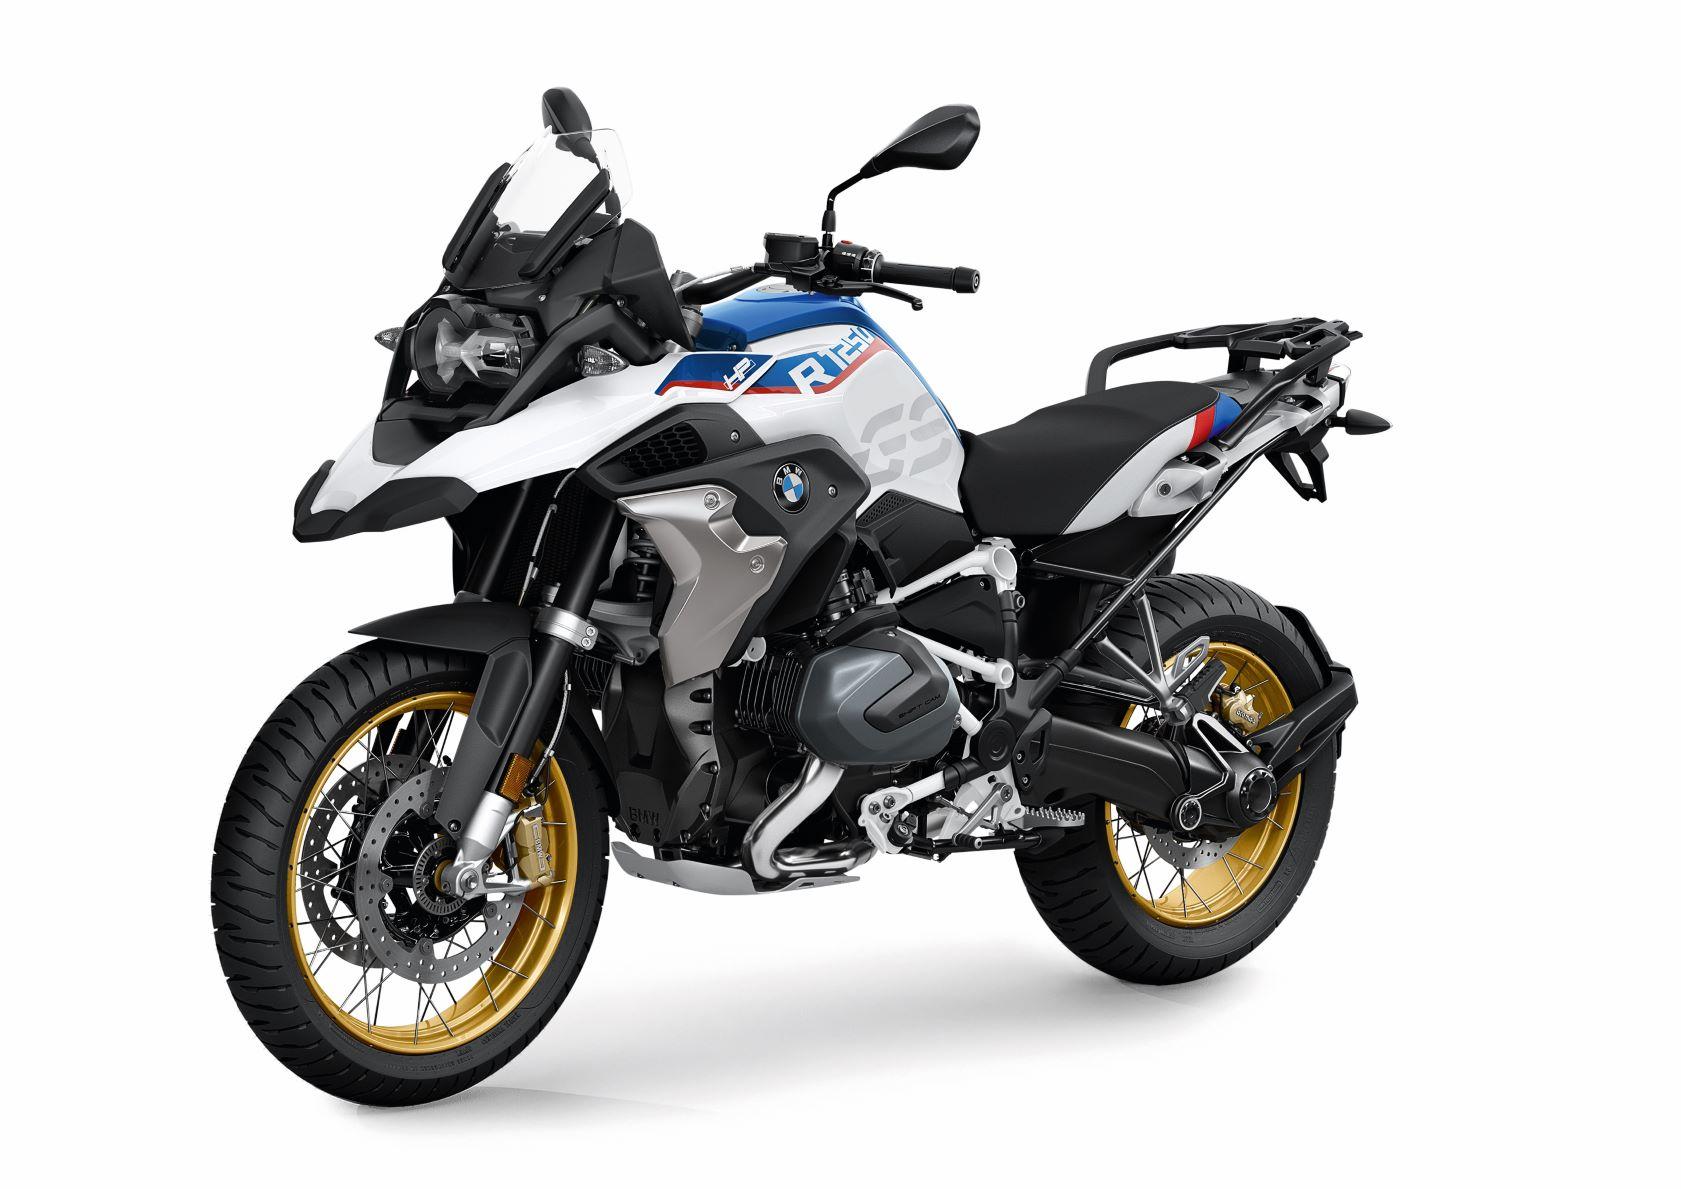 R 1250 GS Premium